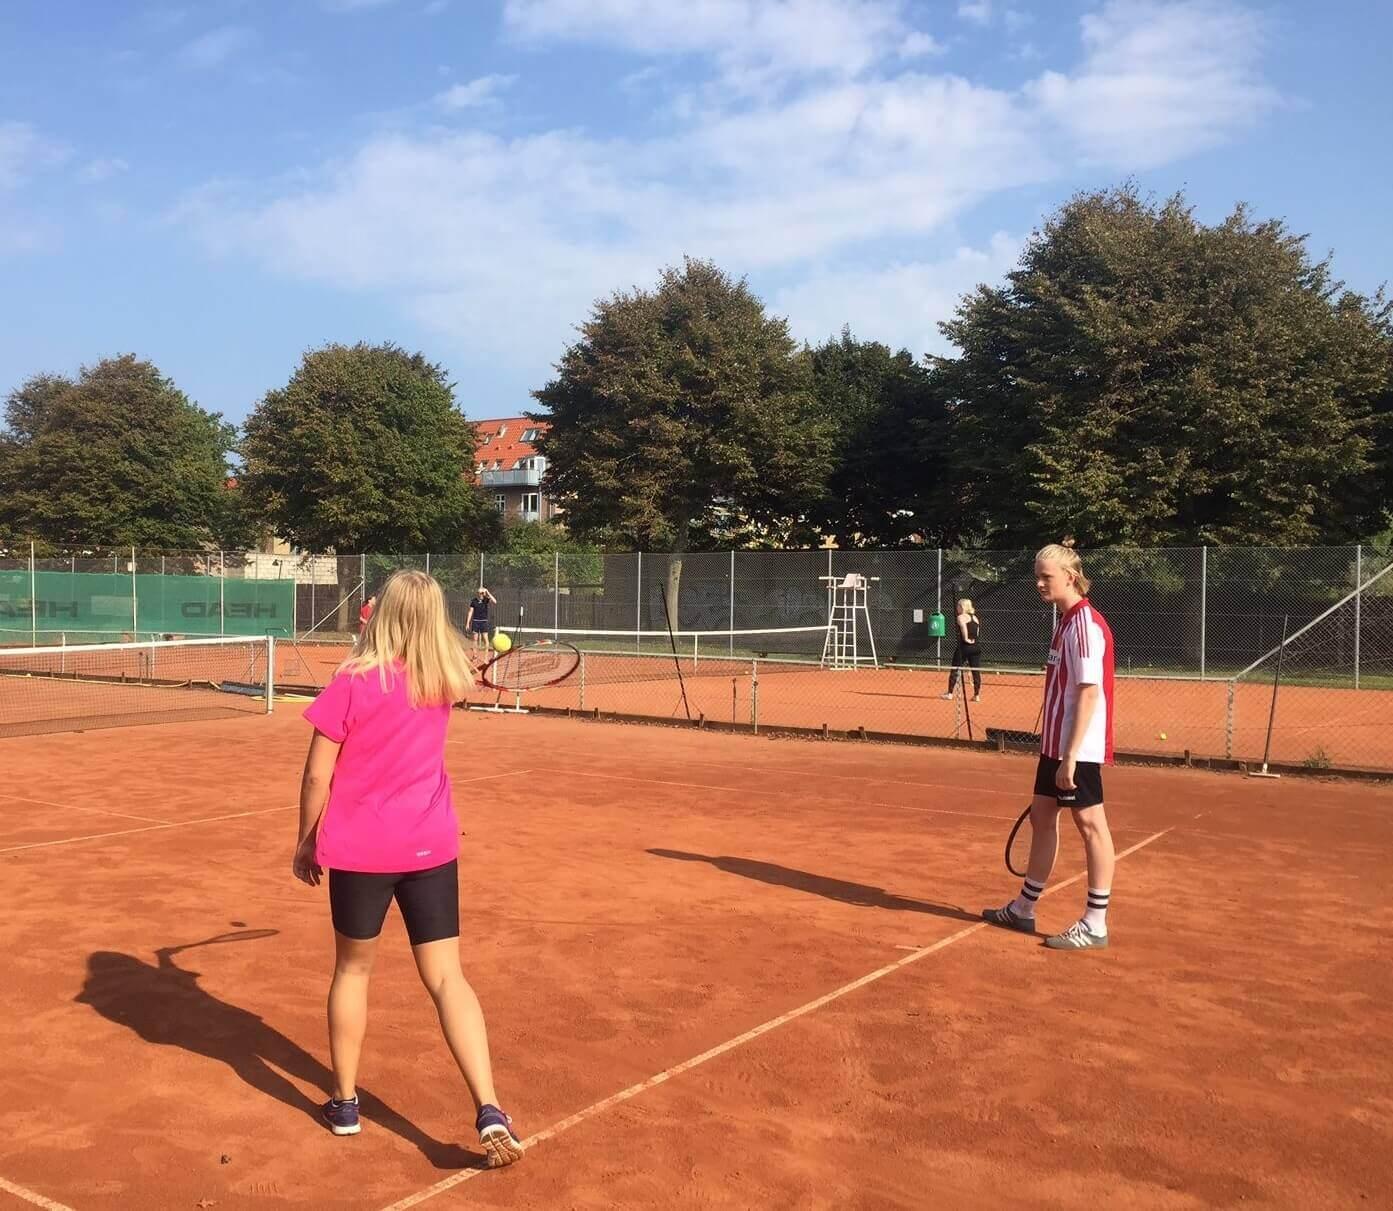 Studentoffer, Aalborg Tennisklub, tennis, sport, sjov